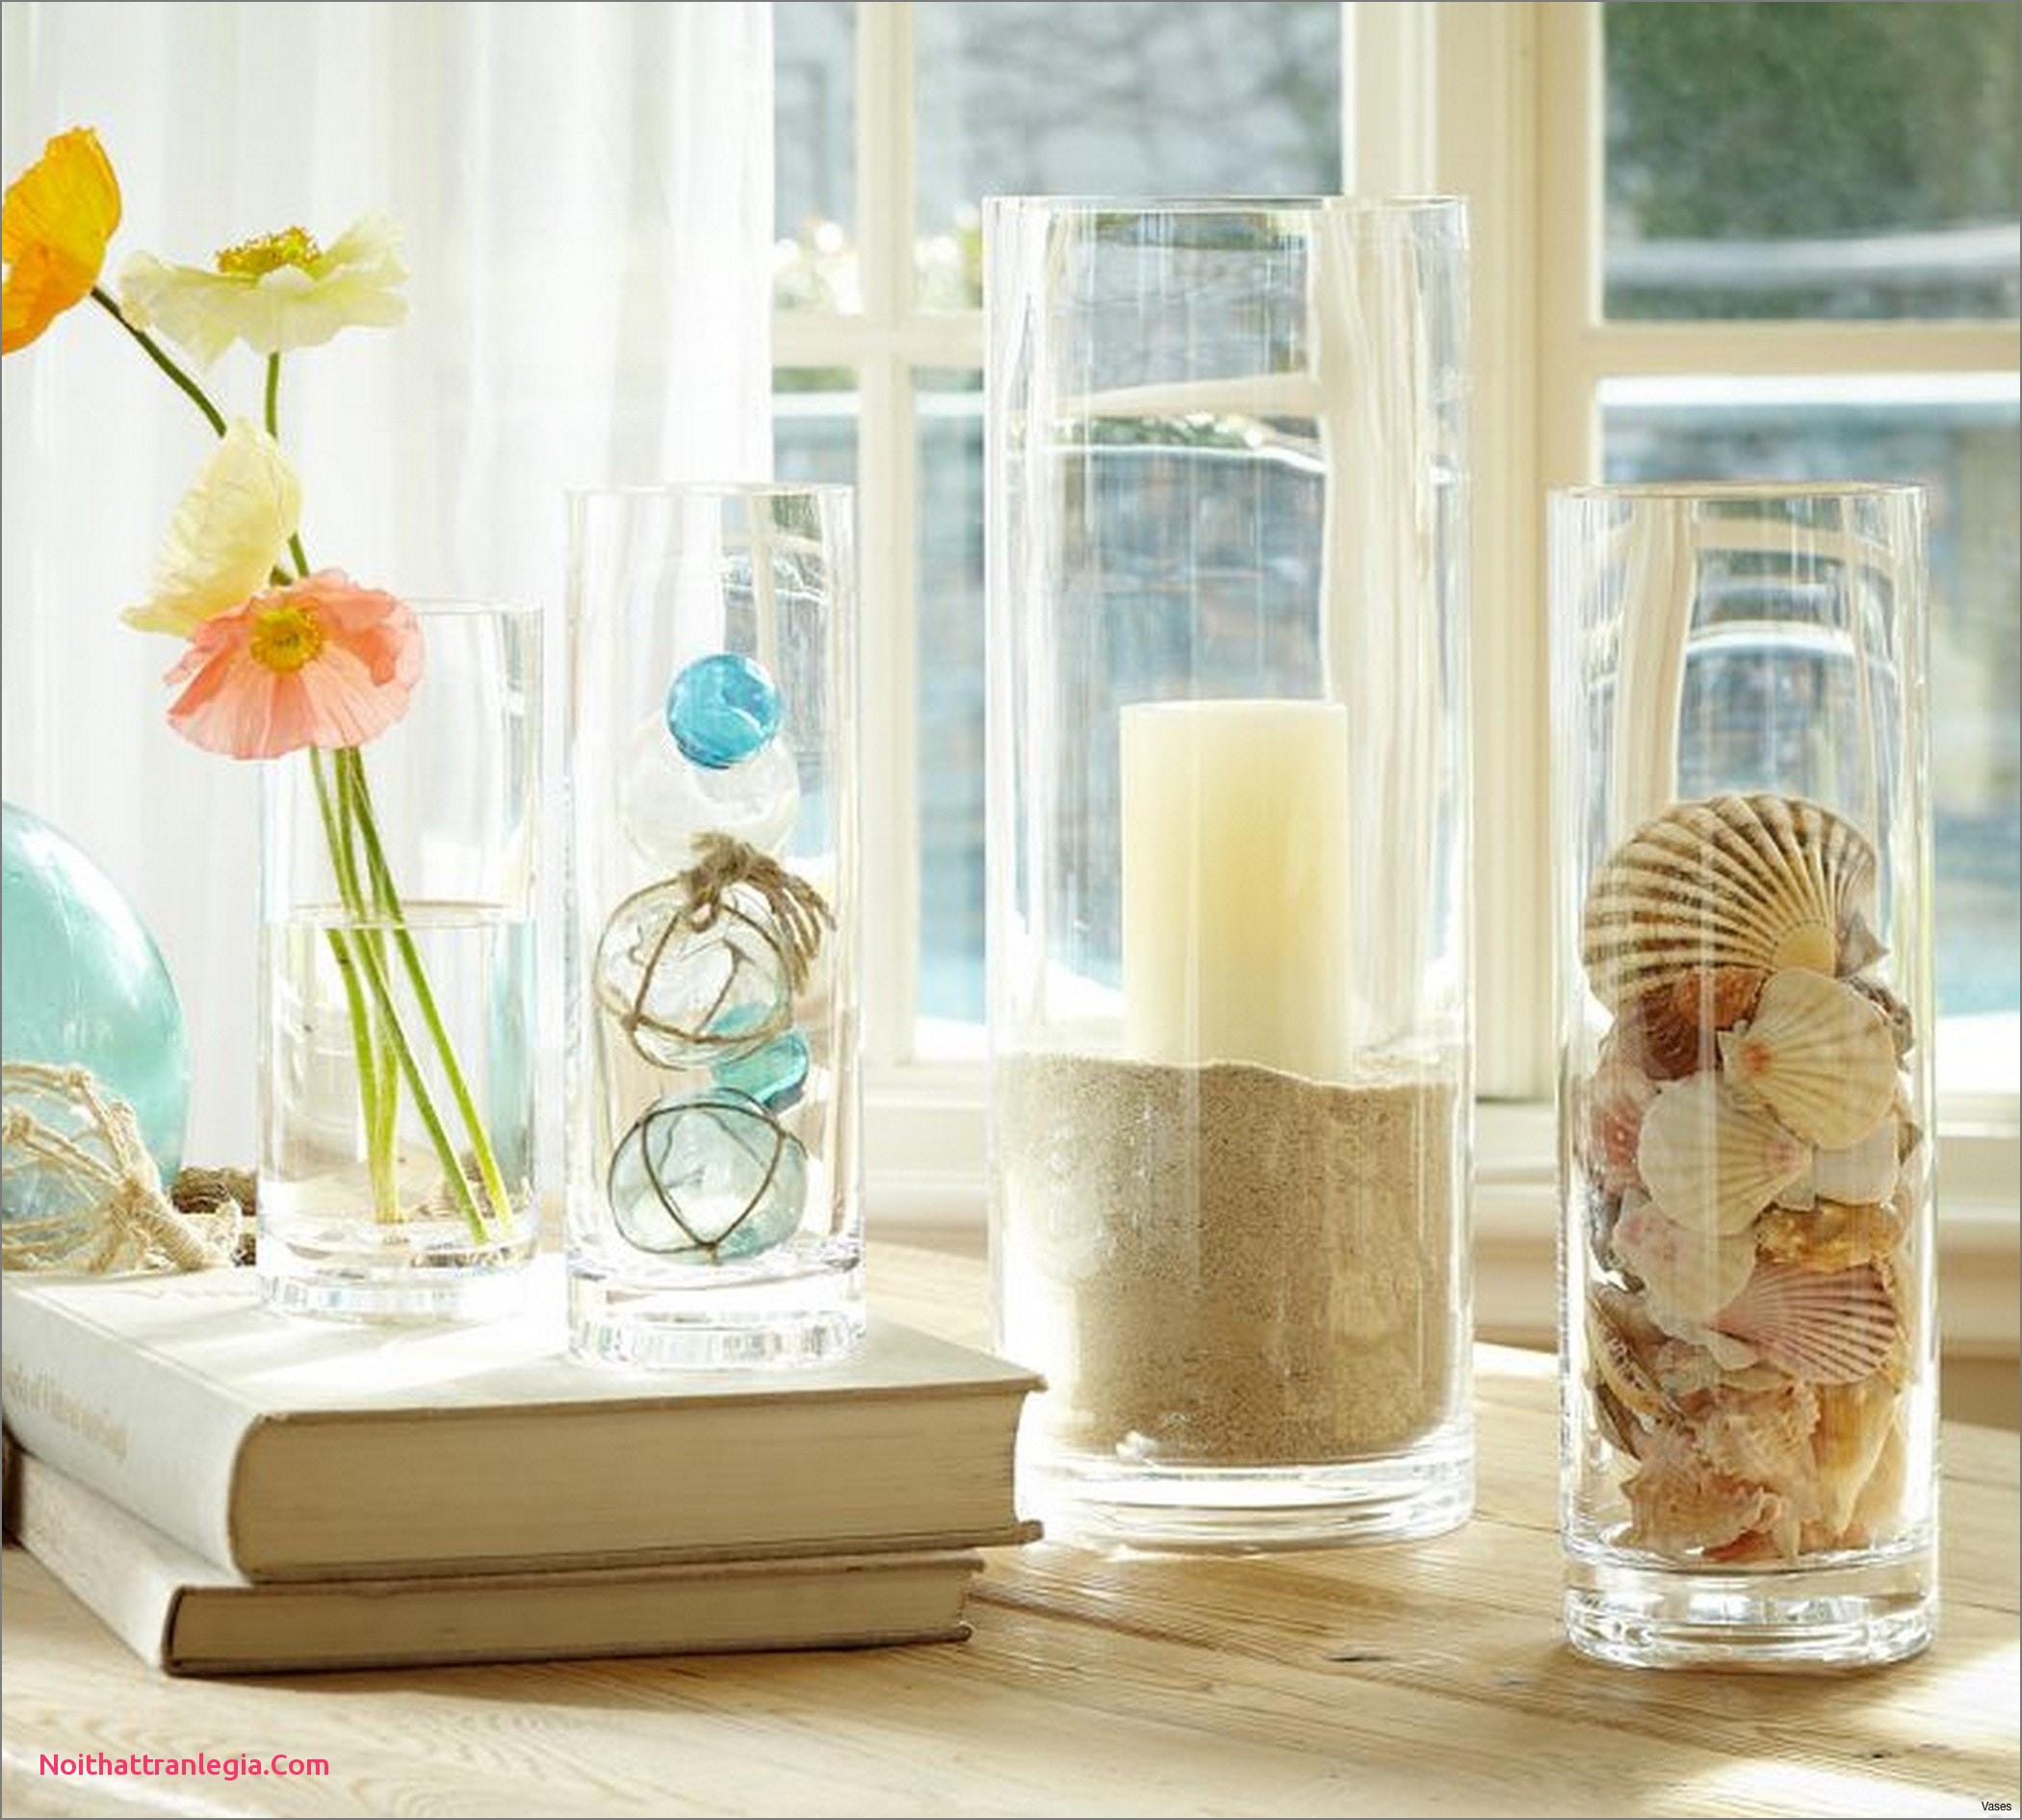 eiffel tower vase light base of 20 how to make mercury glass vases noithattranlegia vases design pertaining to glass vase fillers vase filler ideas 5h vases summer 5i 0d inspiration vase